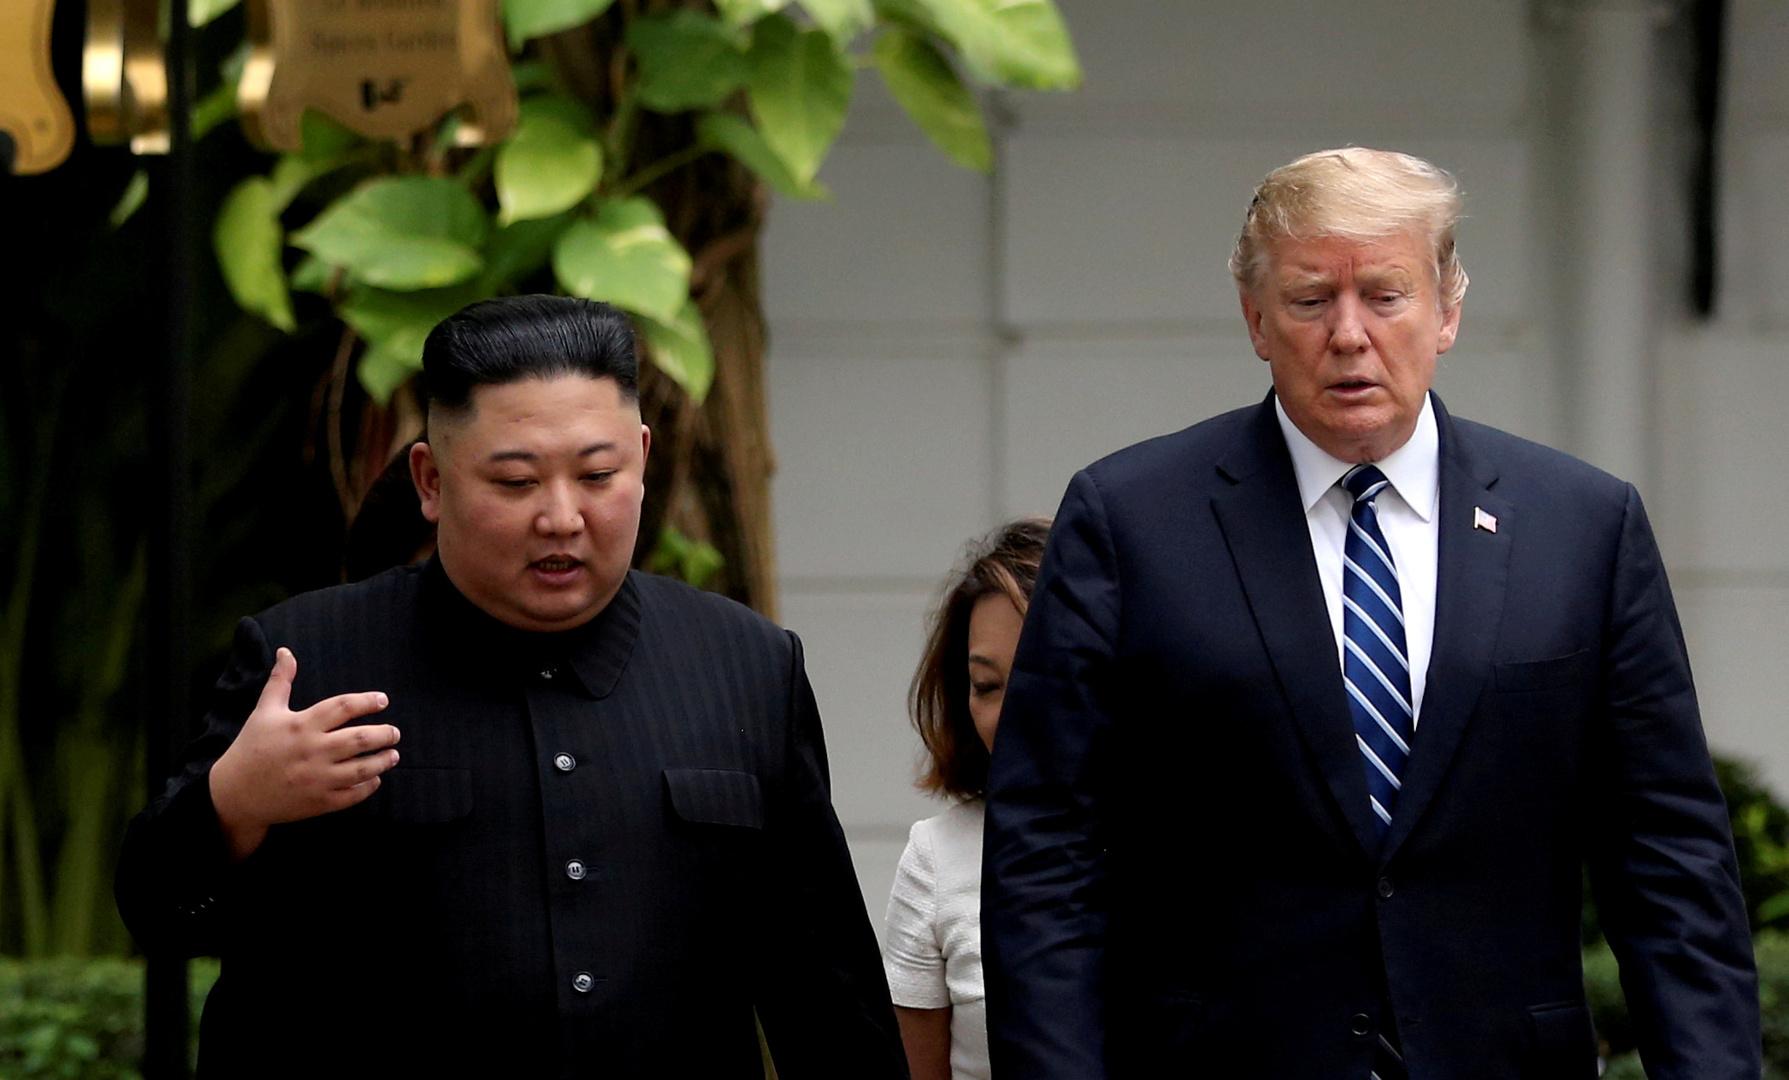 الرئيس الأمريكي دونالد ترامب وزيعم كيا الشمالية كيم جونغ أونى خلال قمتهما الثانية في فيتنام، 29/06/2019